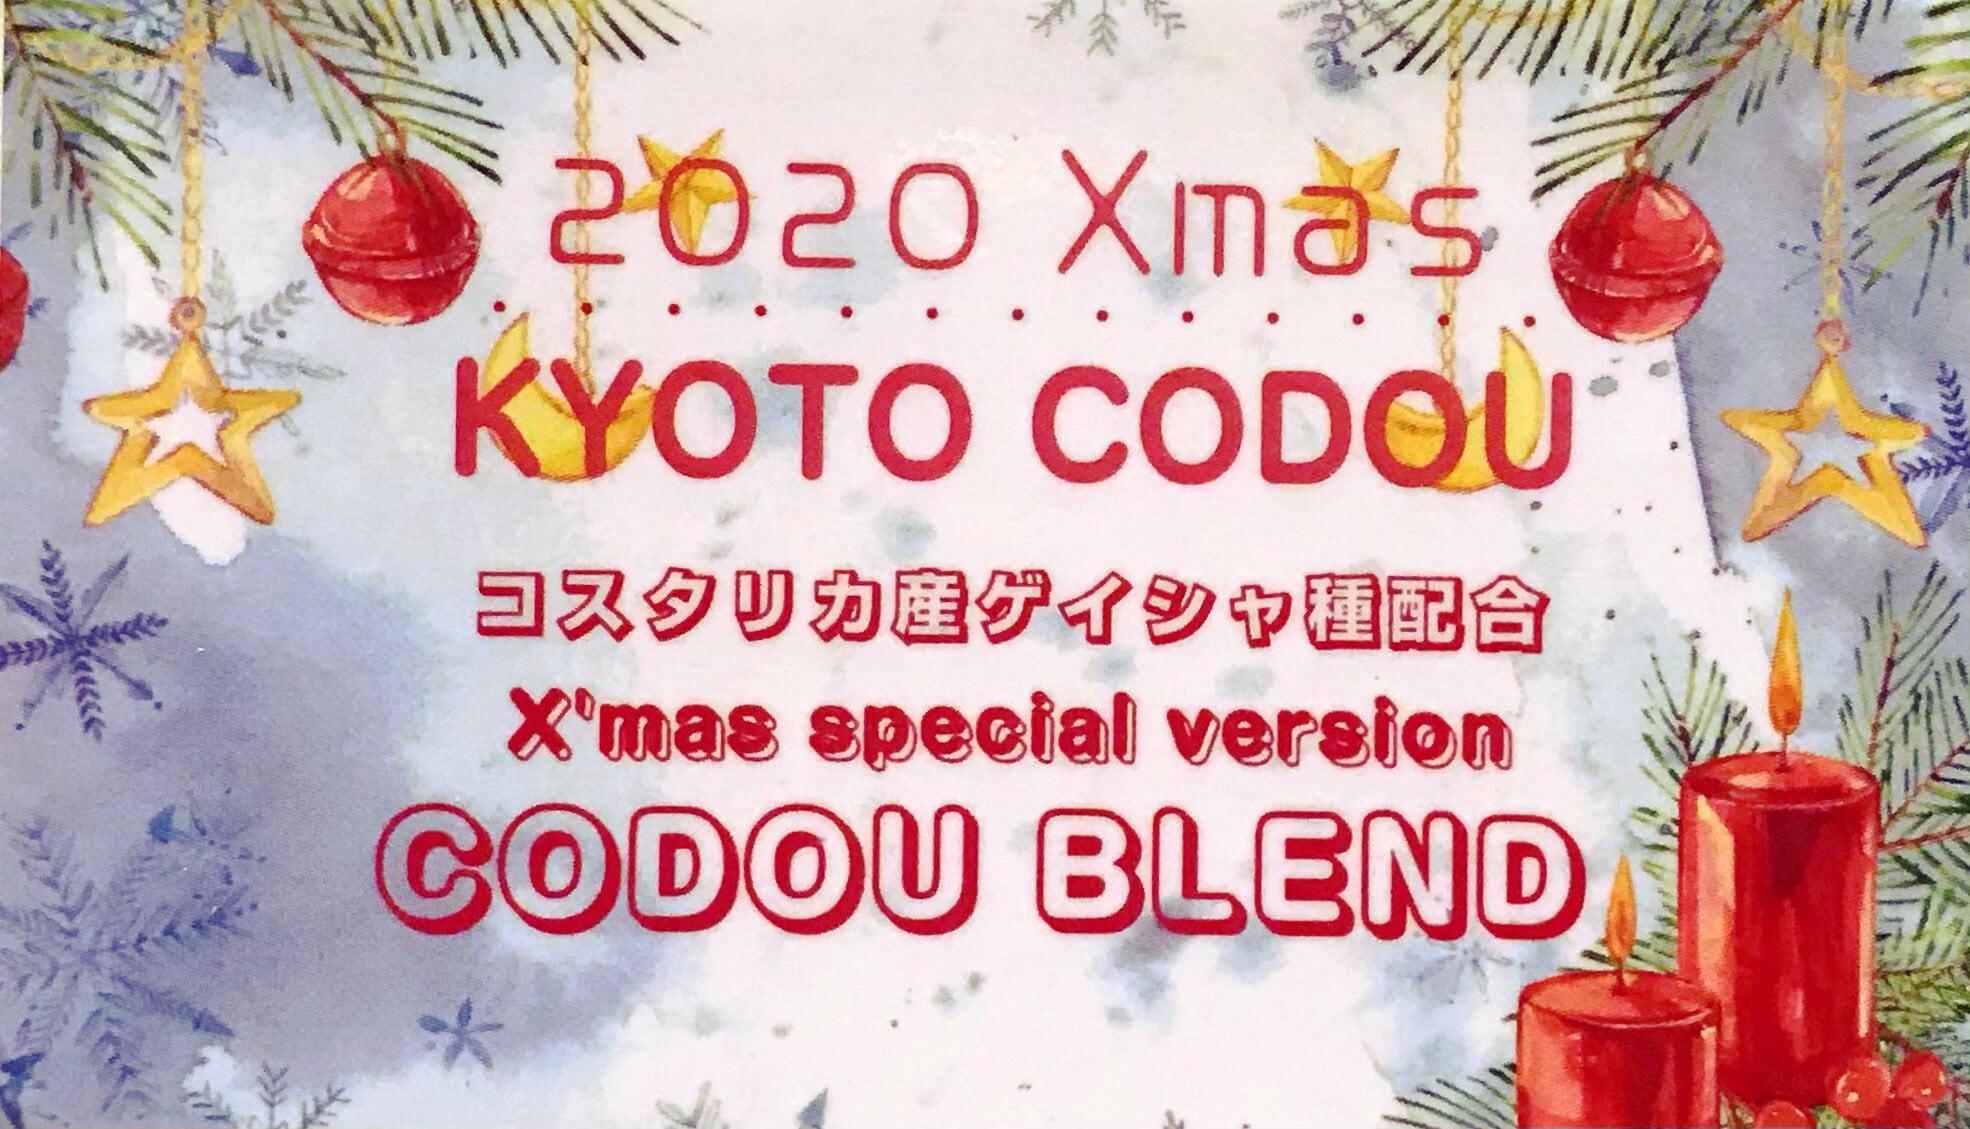 2020 クリスマス限定 CODOU BLEND 200g